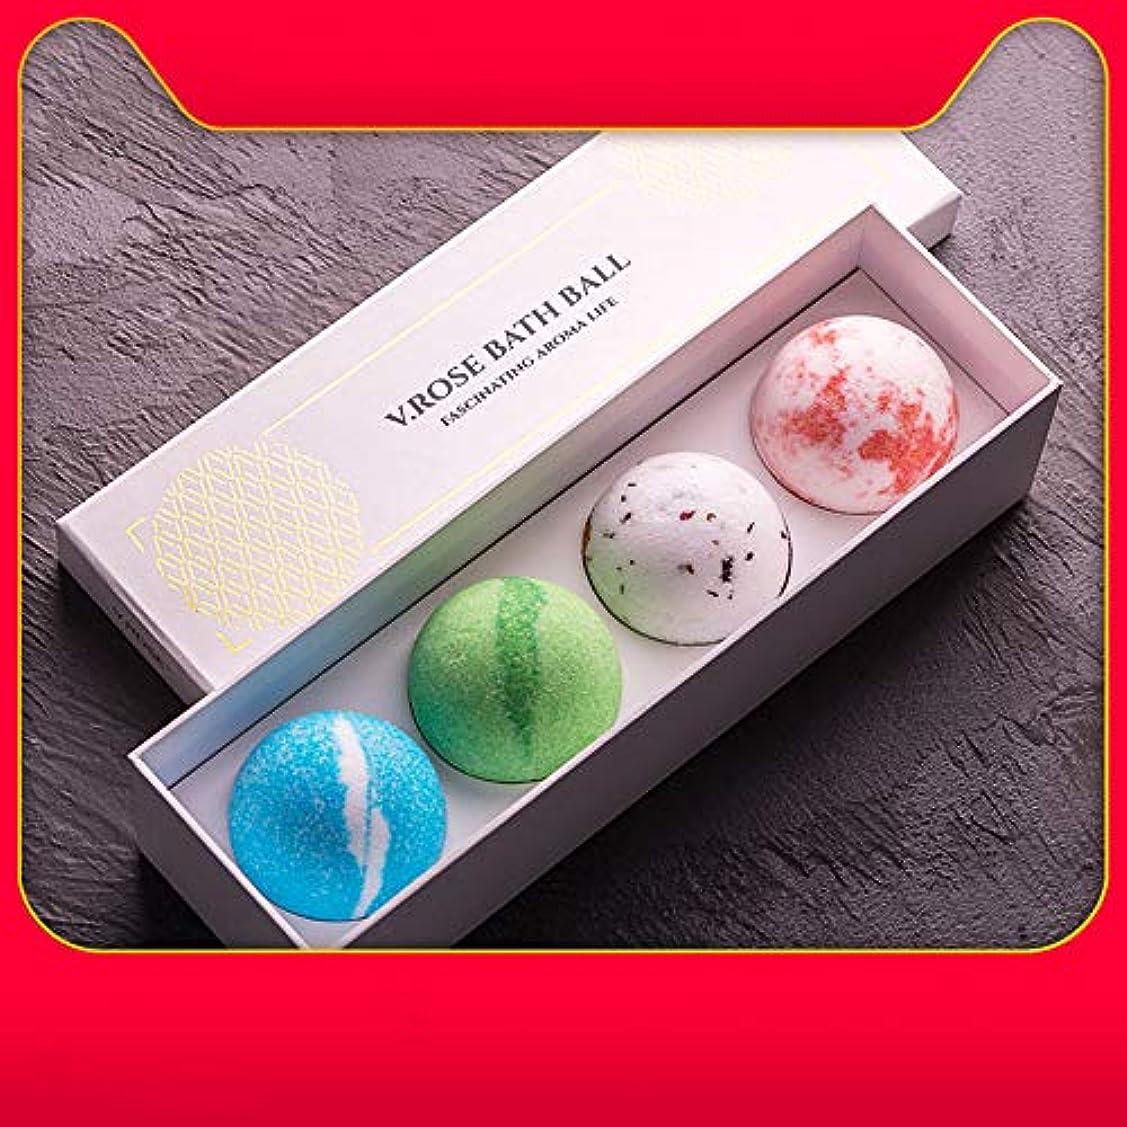 ホストポルノペチコートバスボム 炭酸 入浴剤 ギフト 手作り お風呂用 4つの香りキット 天然素材 カラフル バスボール 母の日 結婚記念日 プレゼント